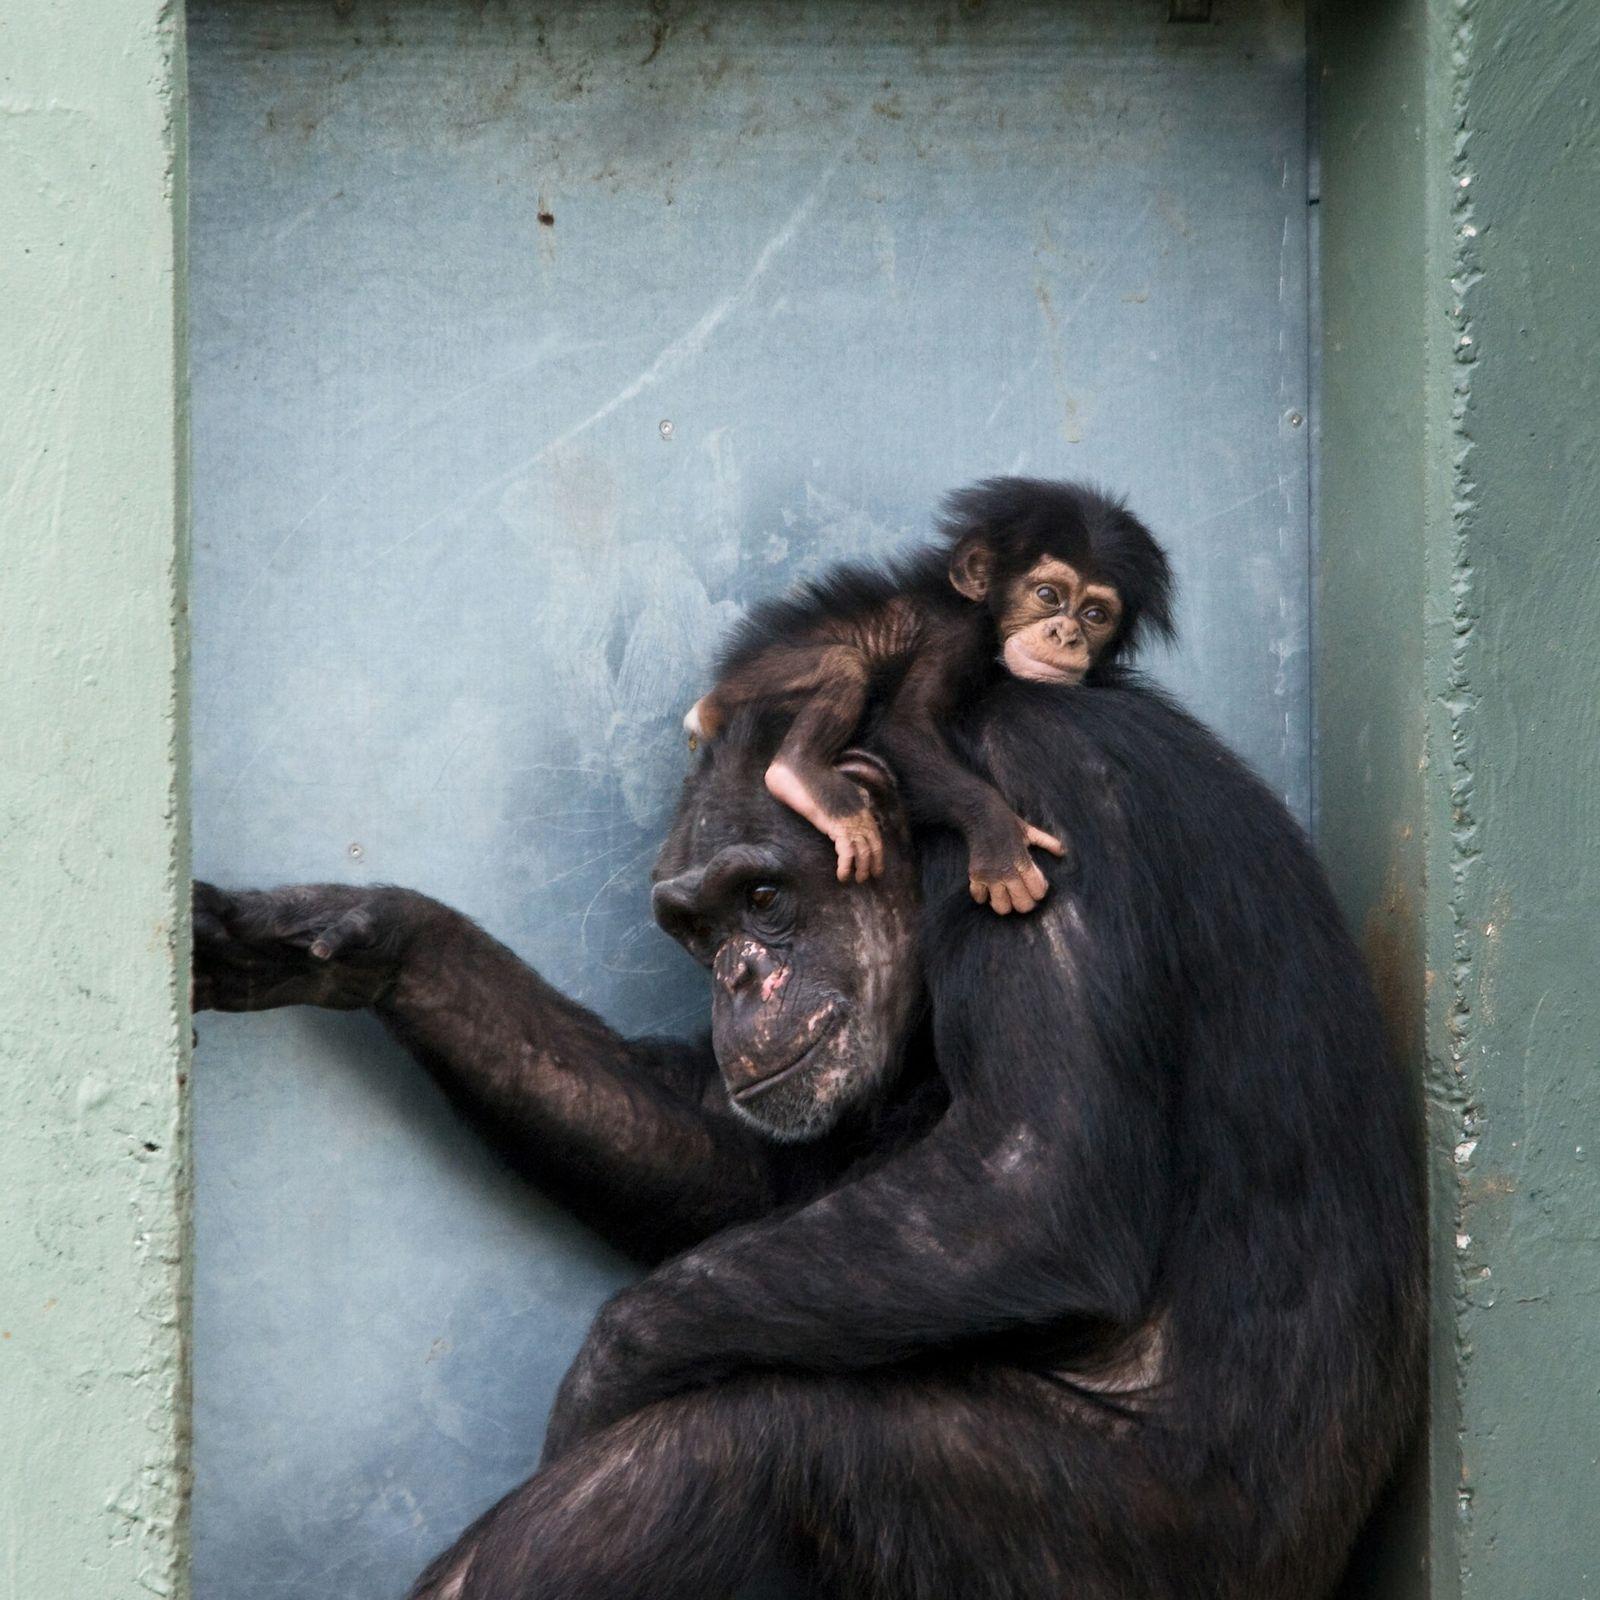 Fotografía de una cría de chimpancé con su madre